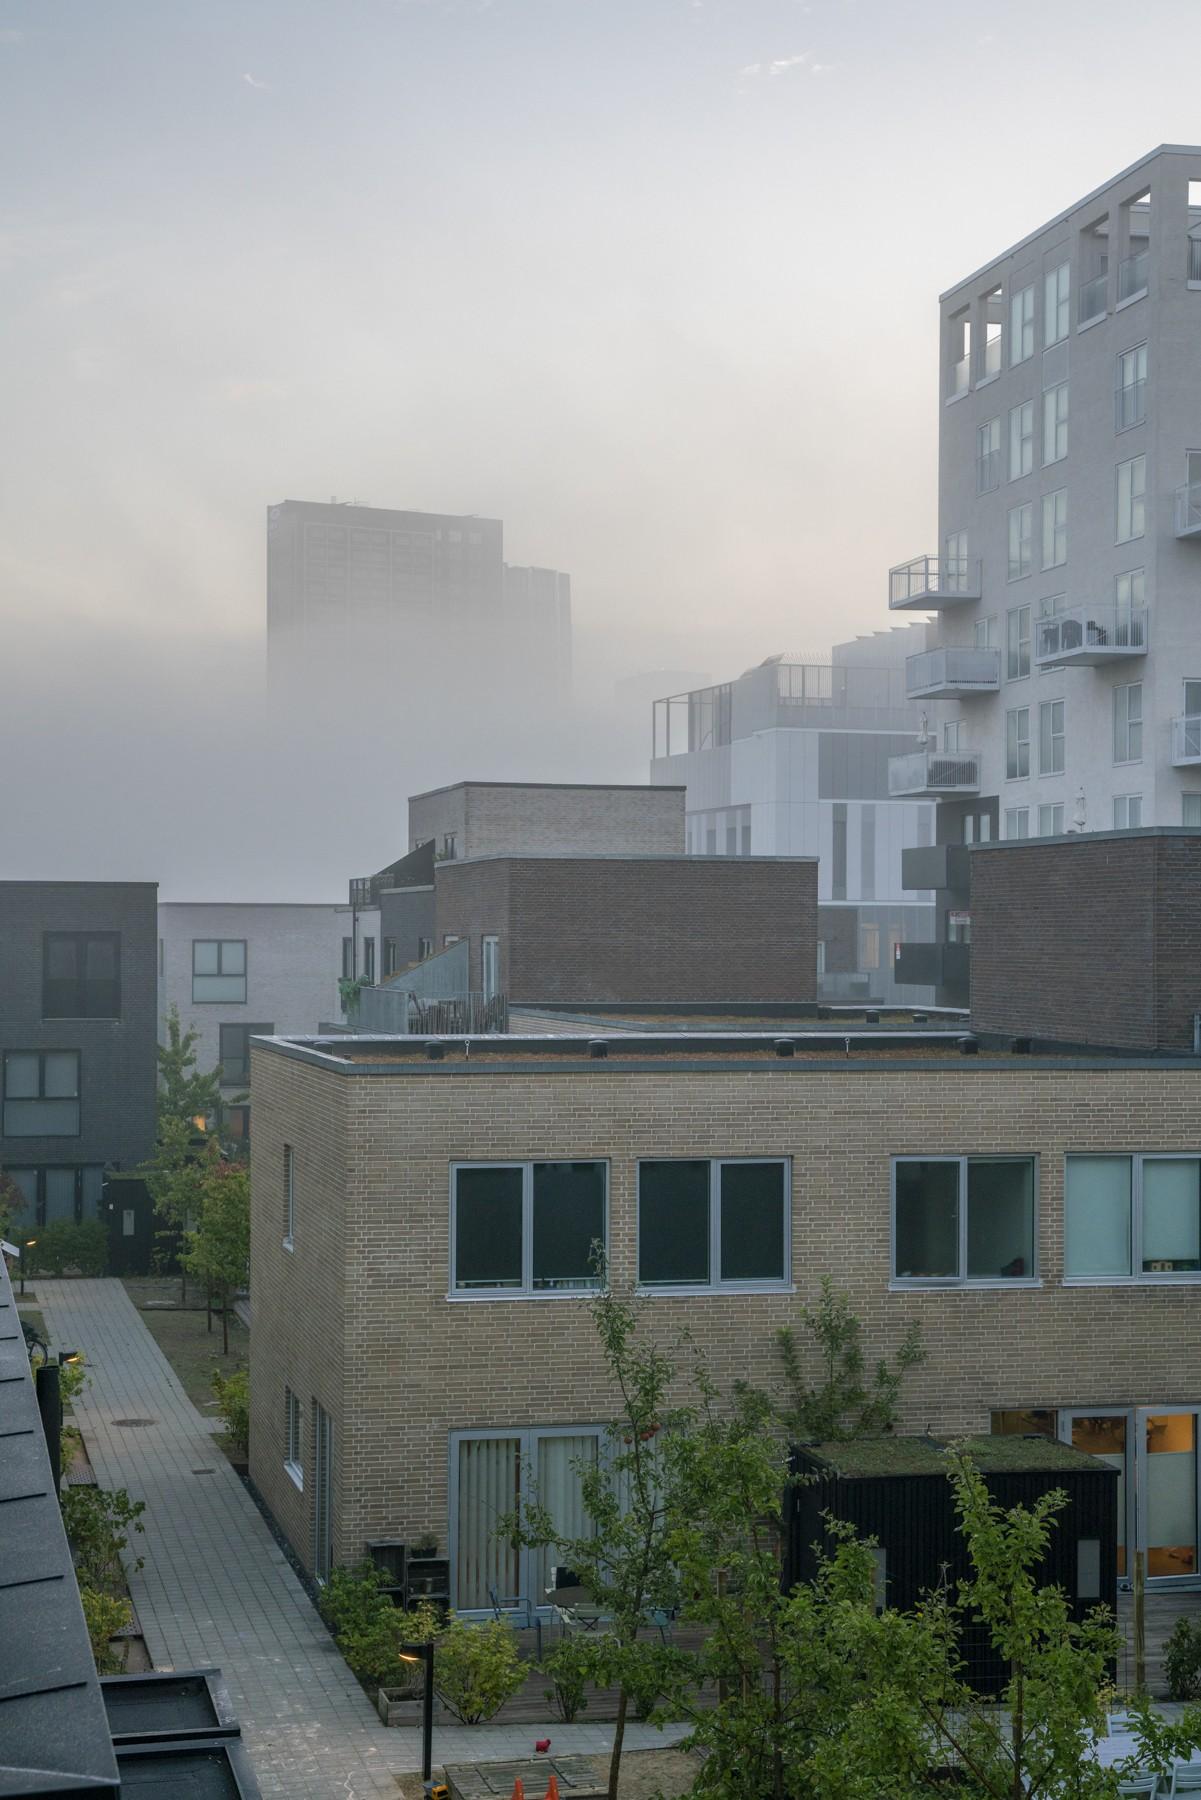 Ørestad indhyllet i tåge - Ferring højhuset kan knap nok ses